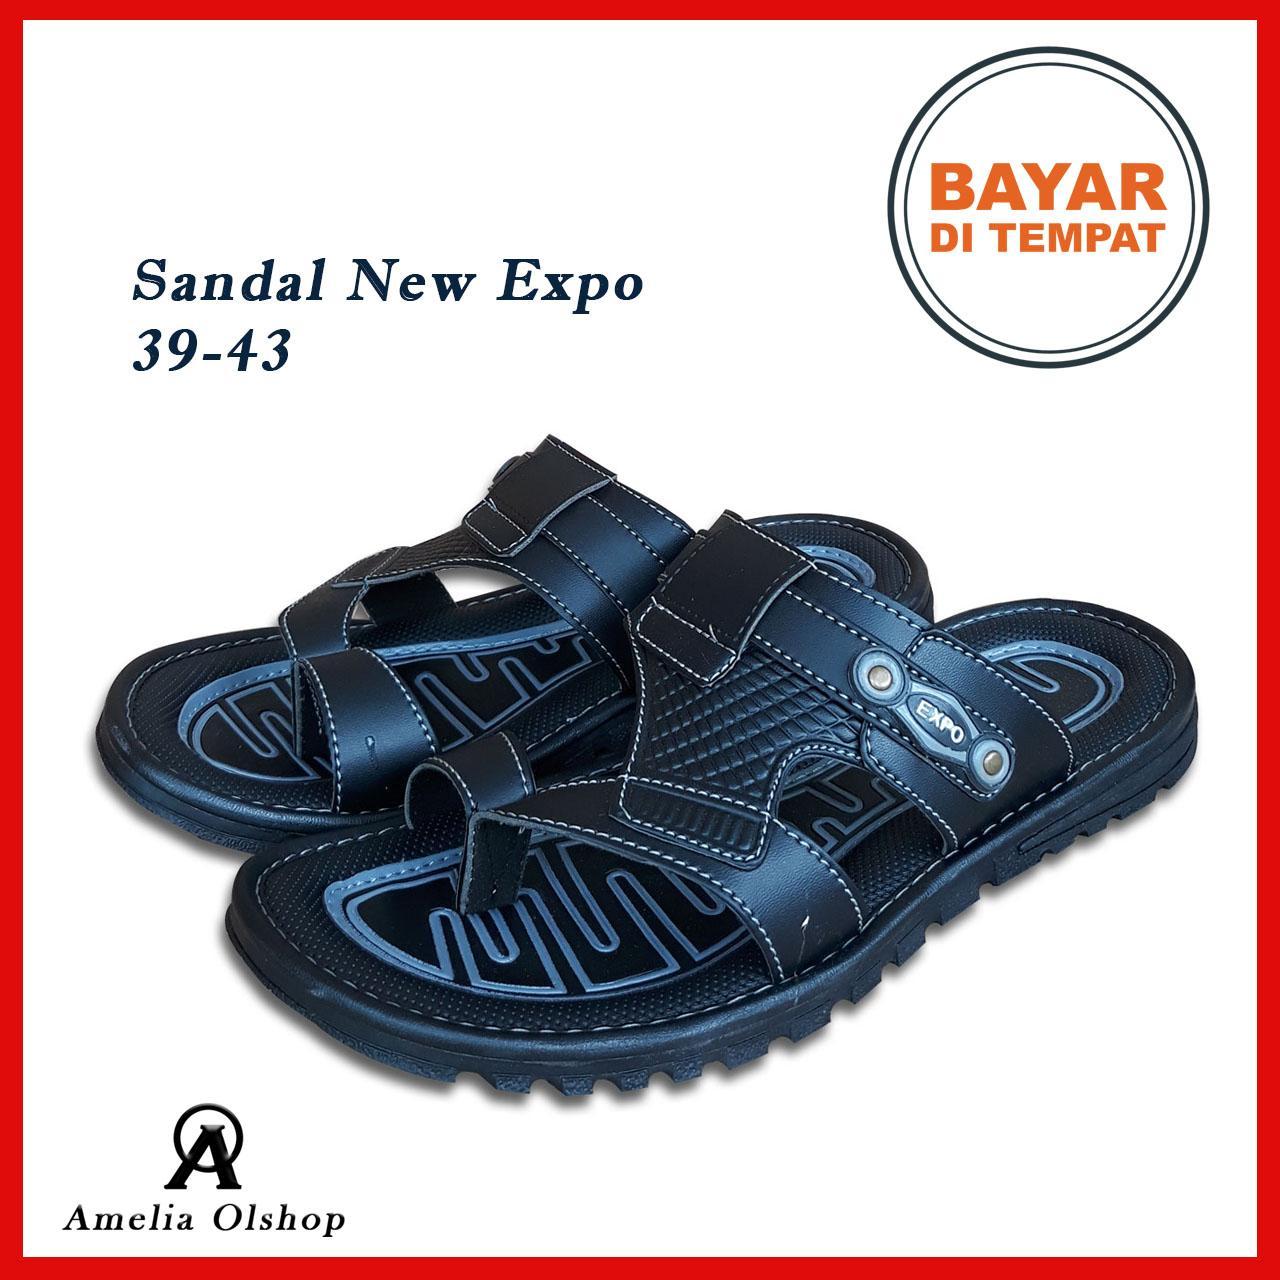 Amelia Olshop - Sandal Pria Selop Jempol NEW EXPO 39-43 / Sandal Pria / Fashion Pria / Sandal Keren /  sendal pria / sandal flat / Sandal selop Pria